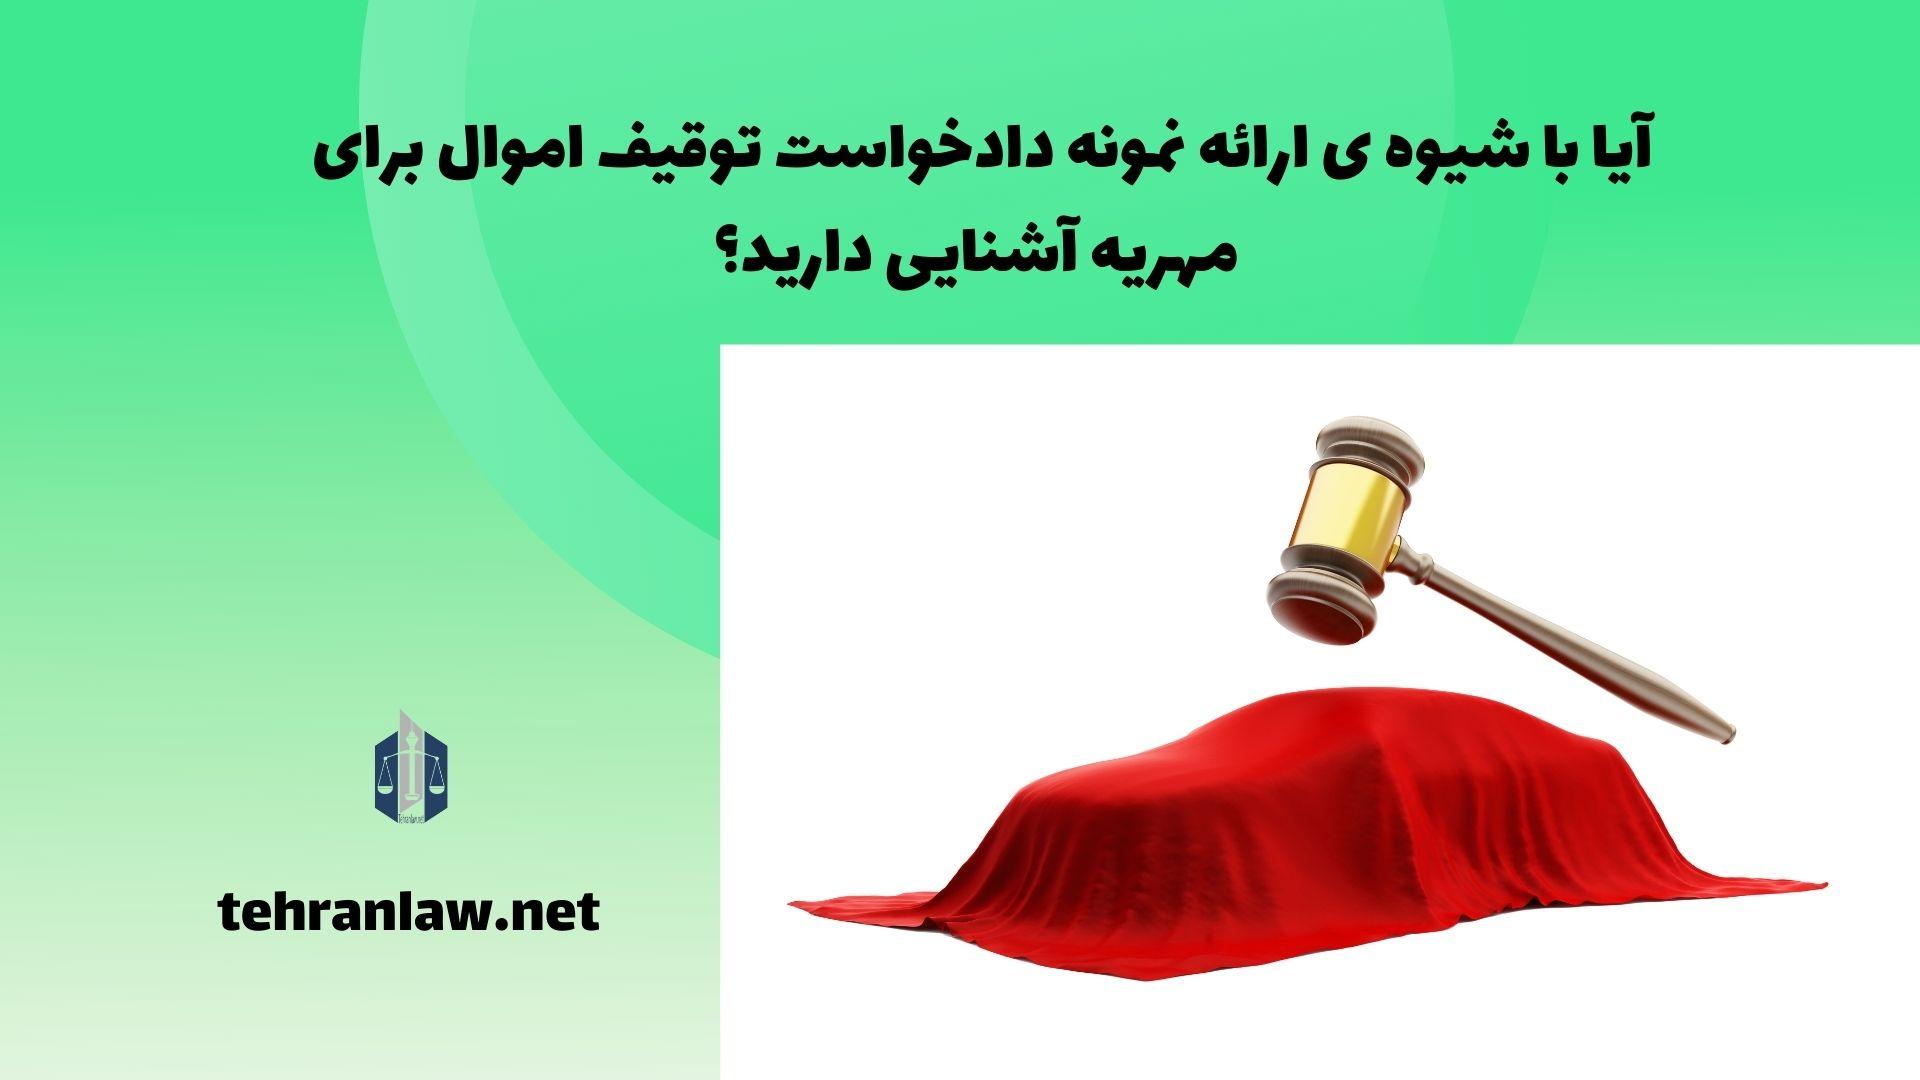 آیا با شیوه ی ارائه نمونه دادخواست توقیف اموال برای مهریه آشنایی دارید؟